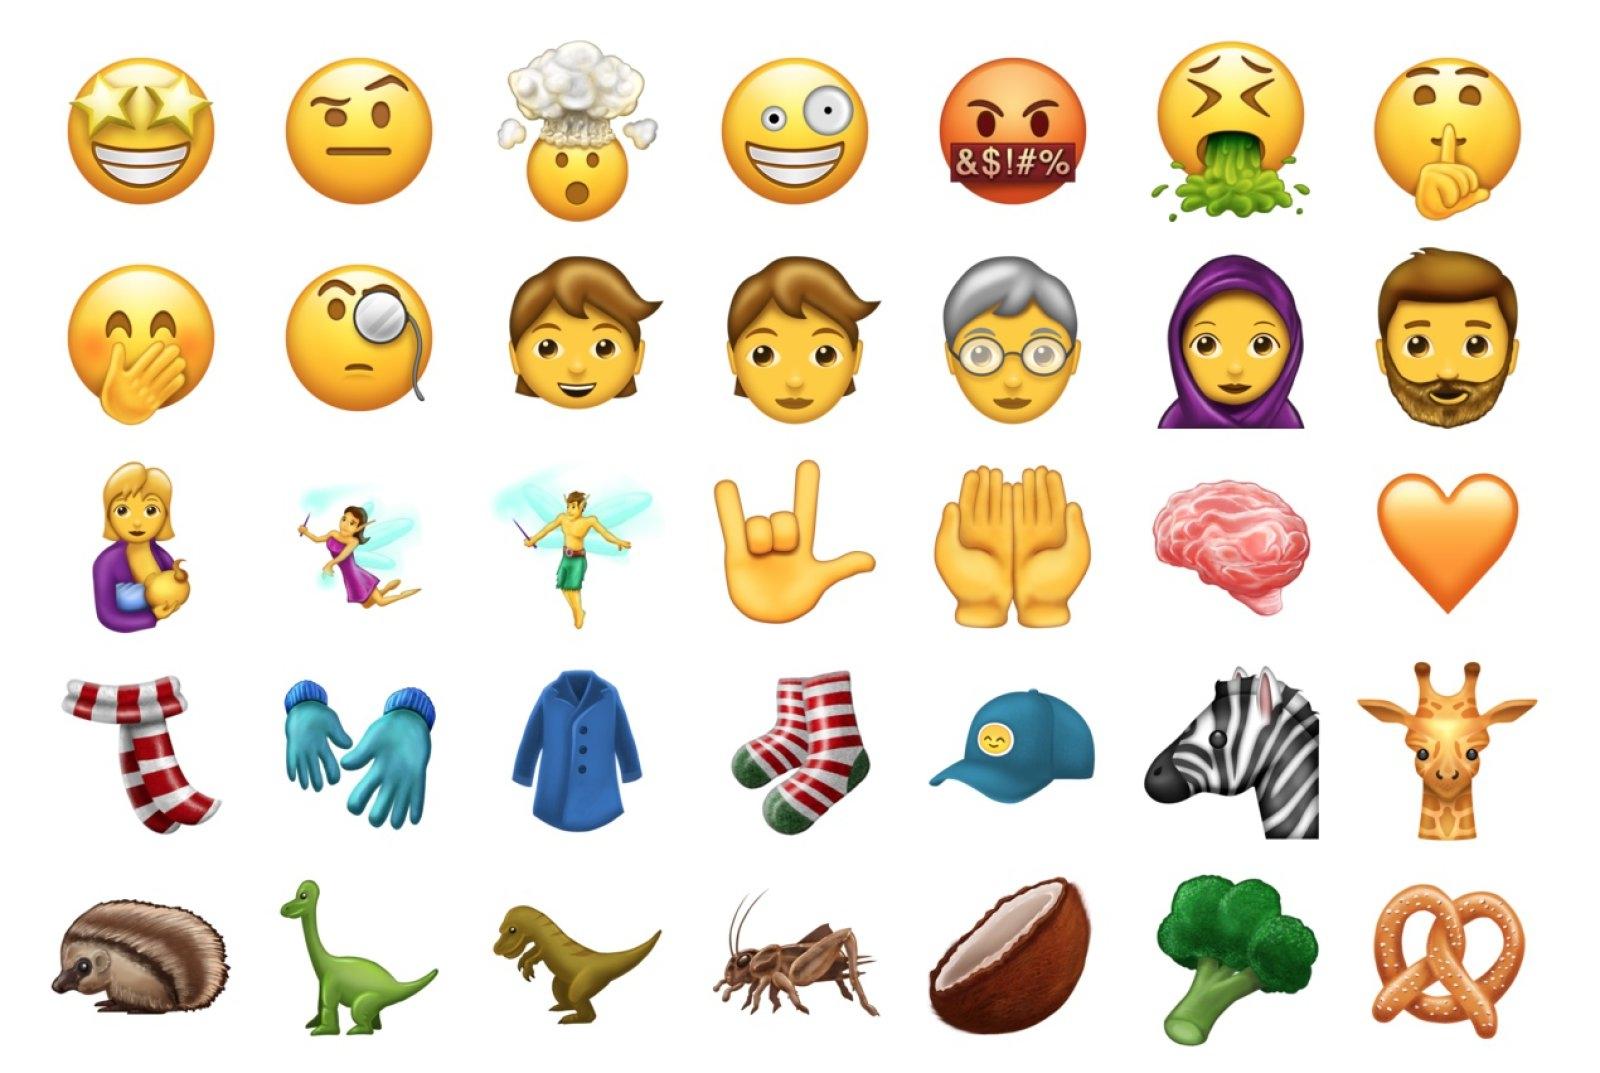 yeni emoji